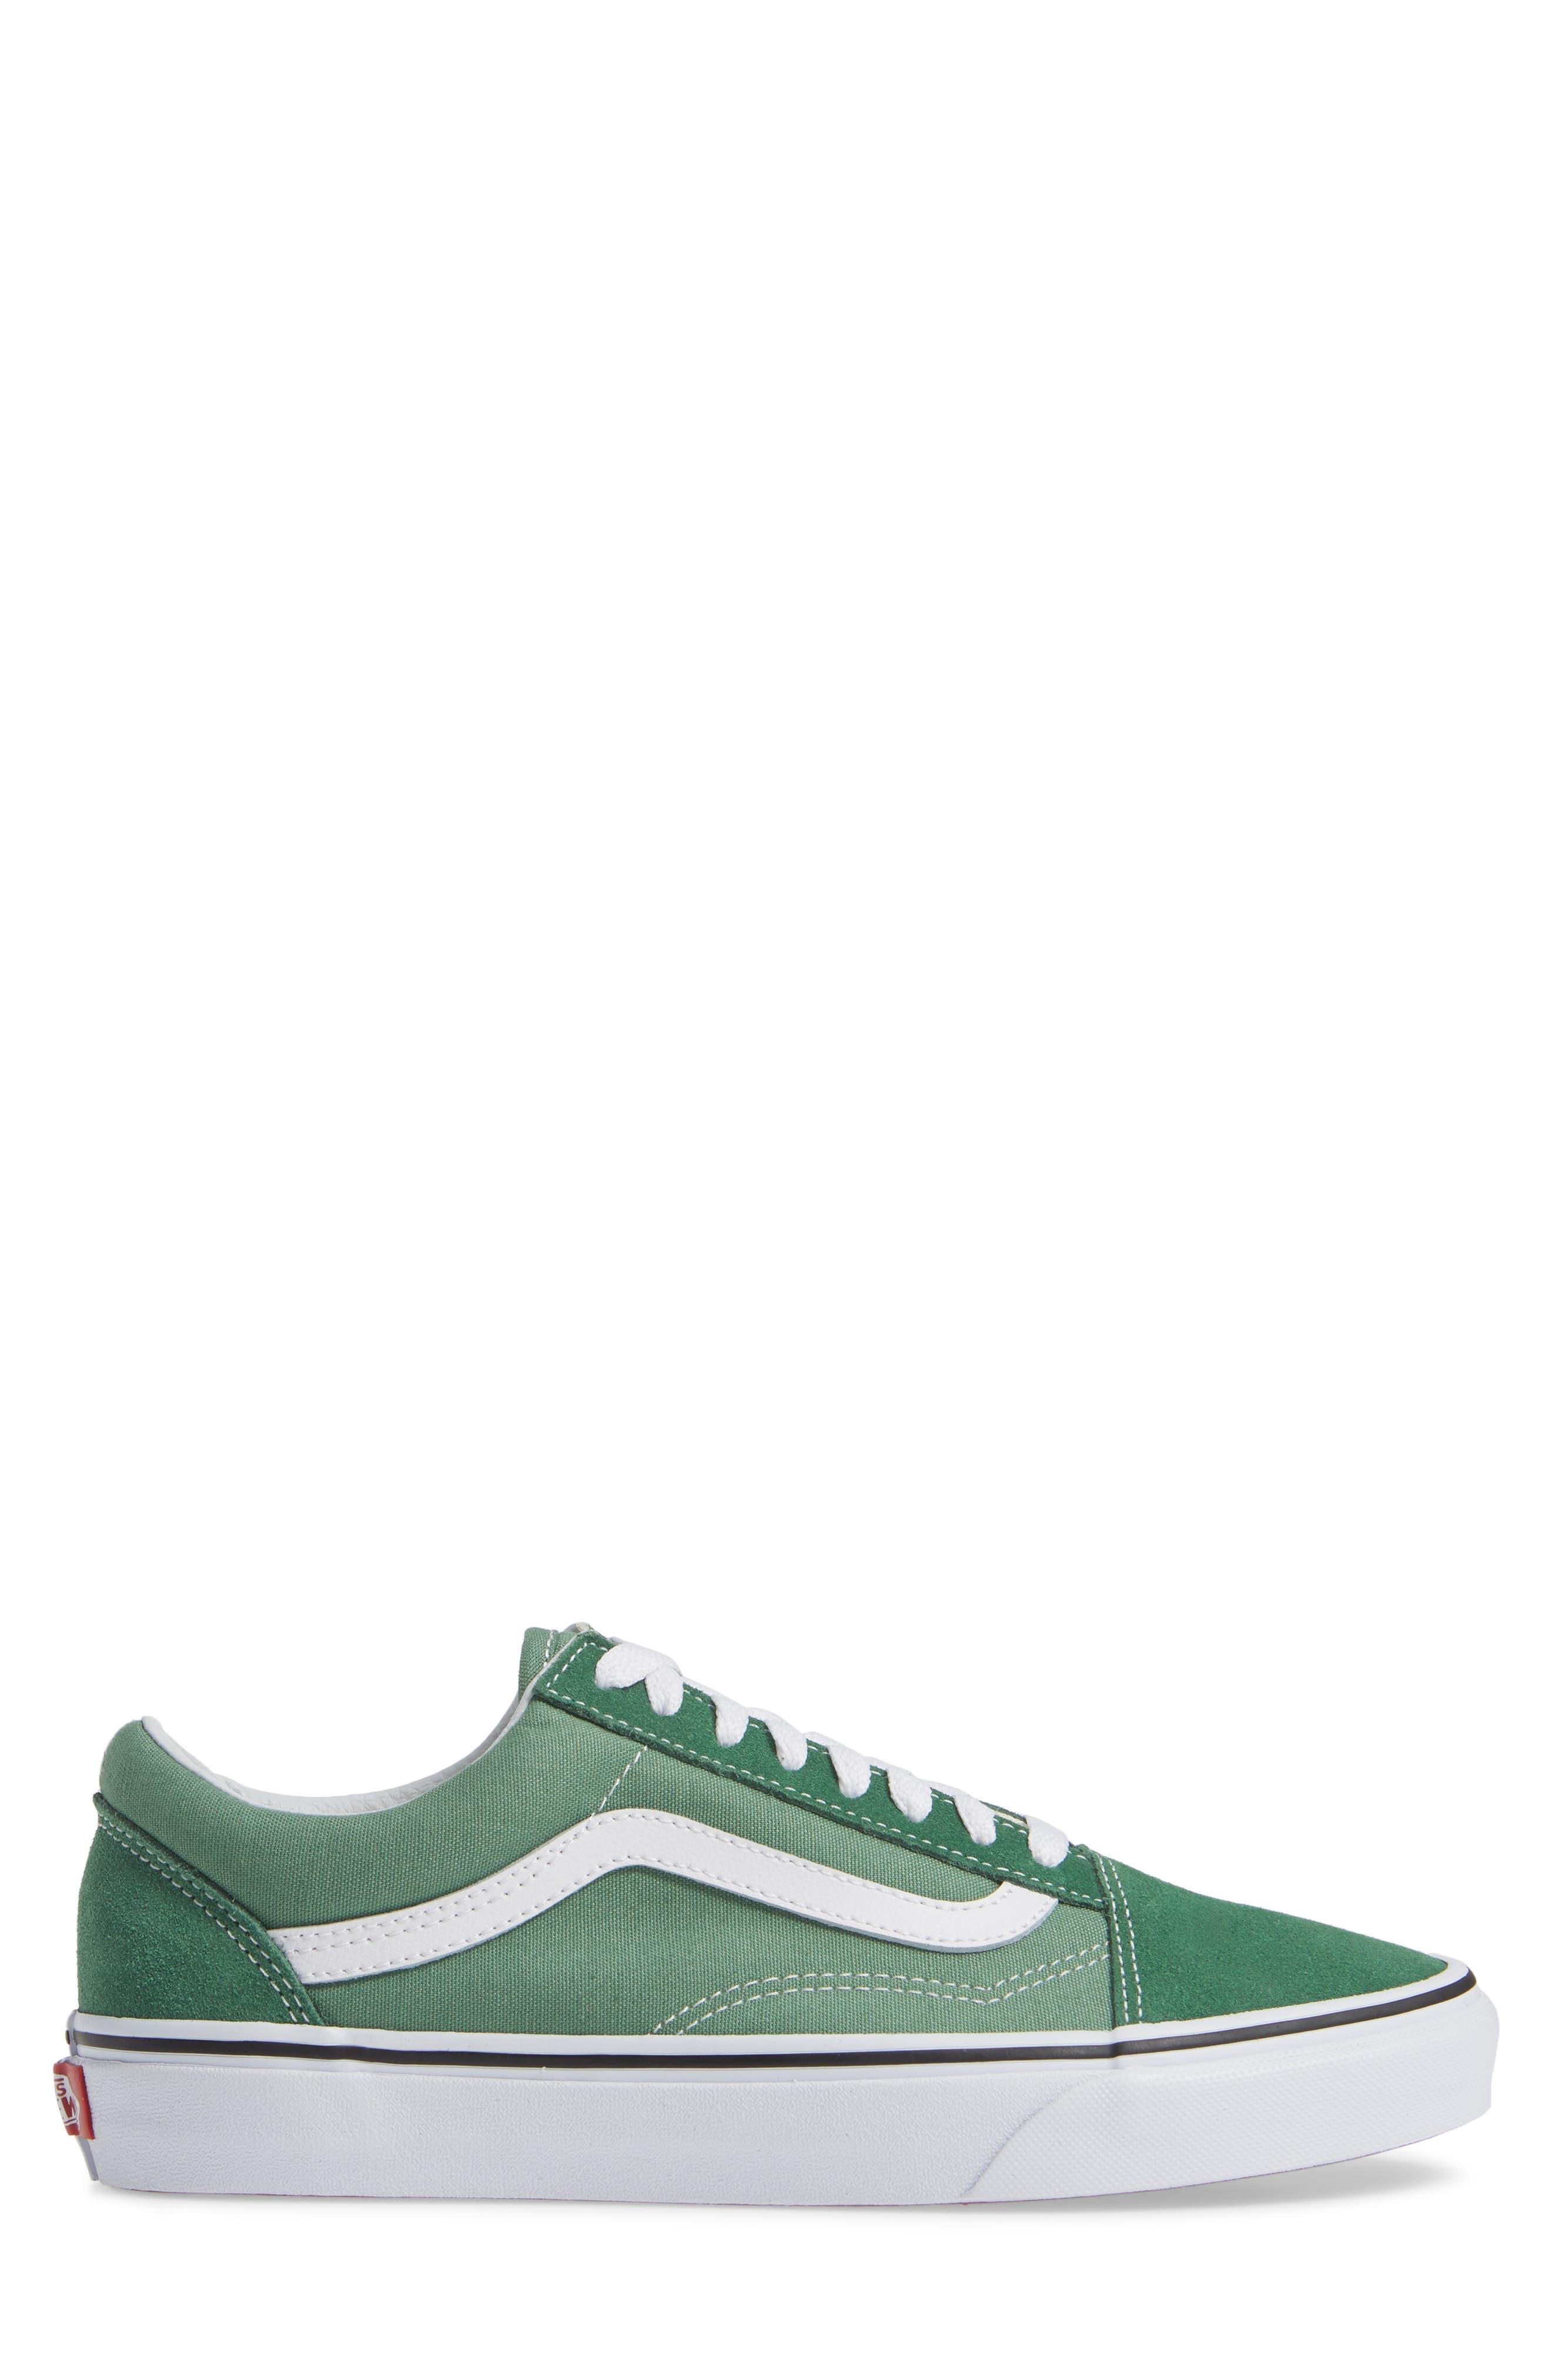 'Old Skool' Sneaker,                             Alternate thumbnail 3, color,                             DEEP GRASS GREEN/ TRUE WHITE